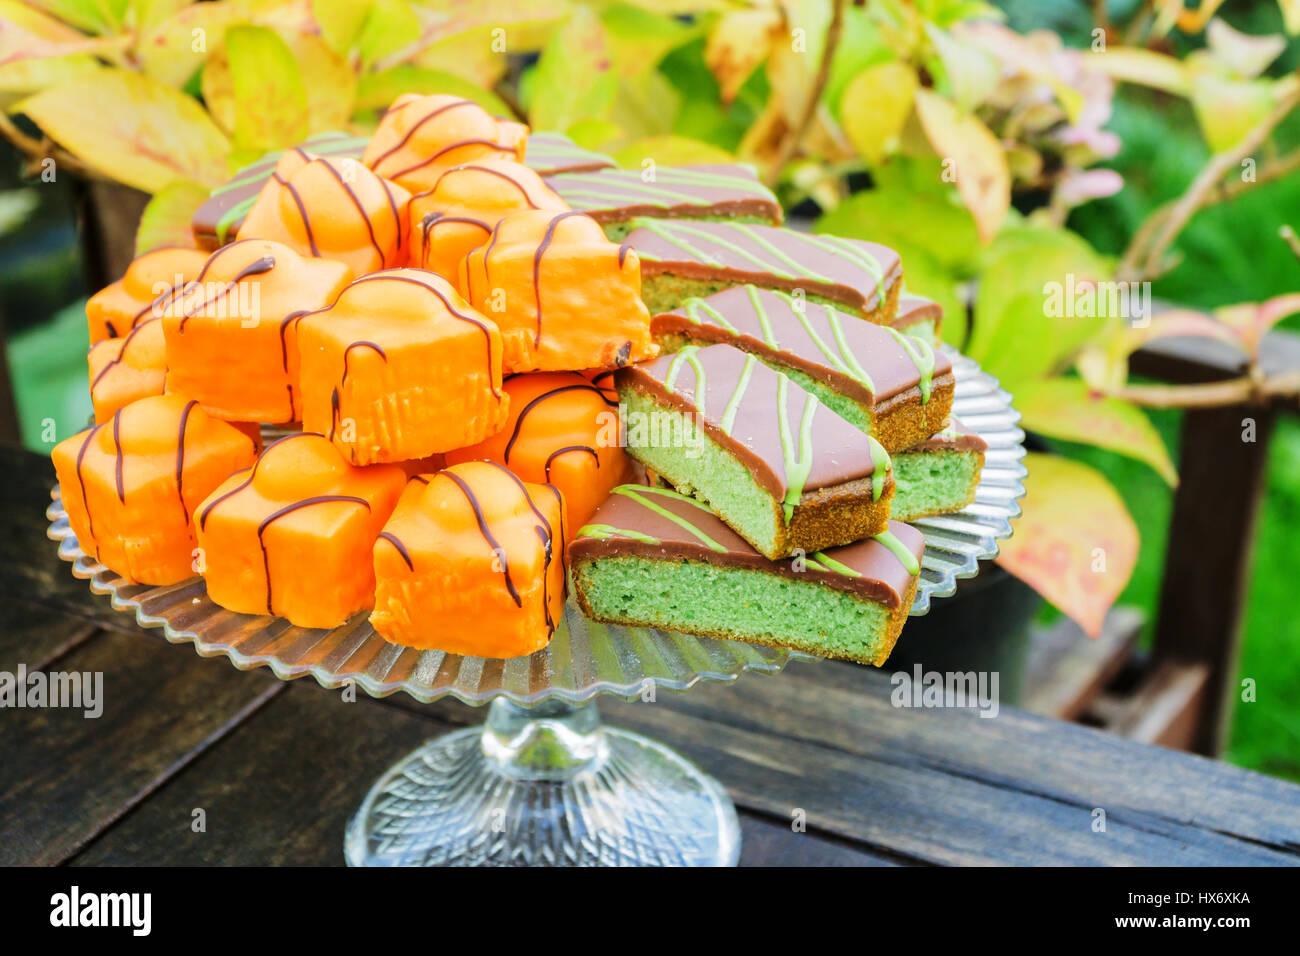 Kuchen auf einem Display-Ständer im freien Stockbild